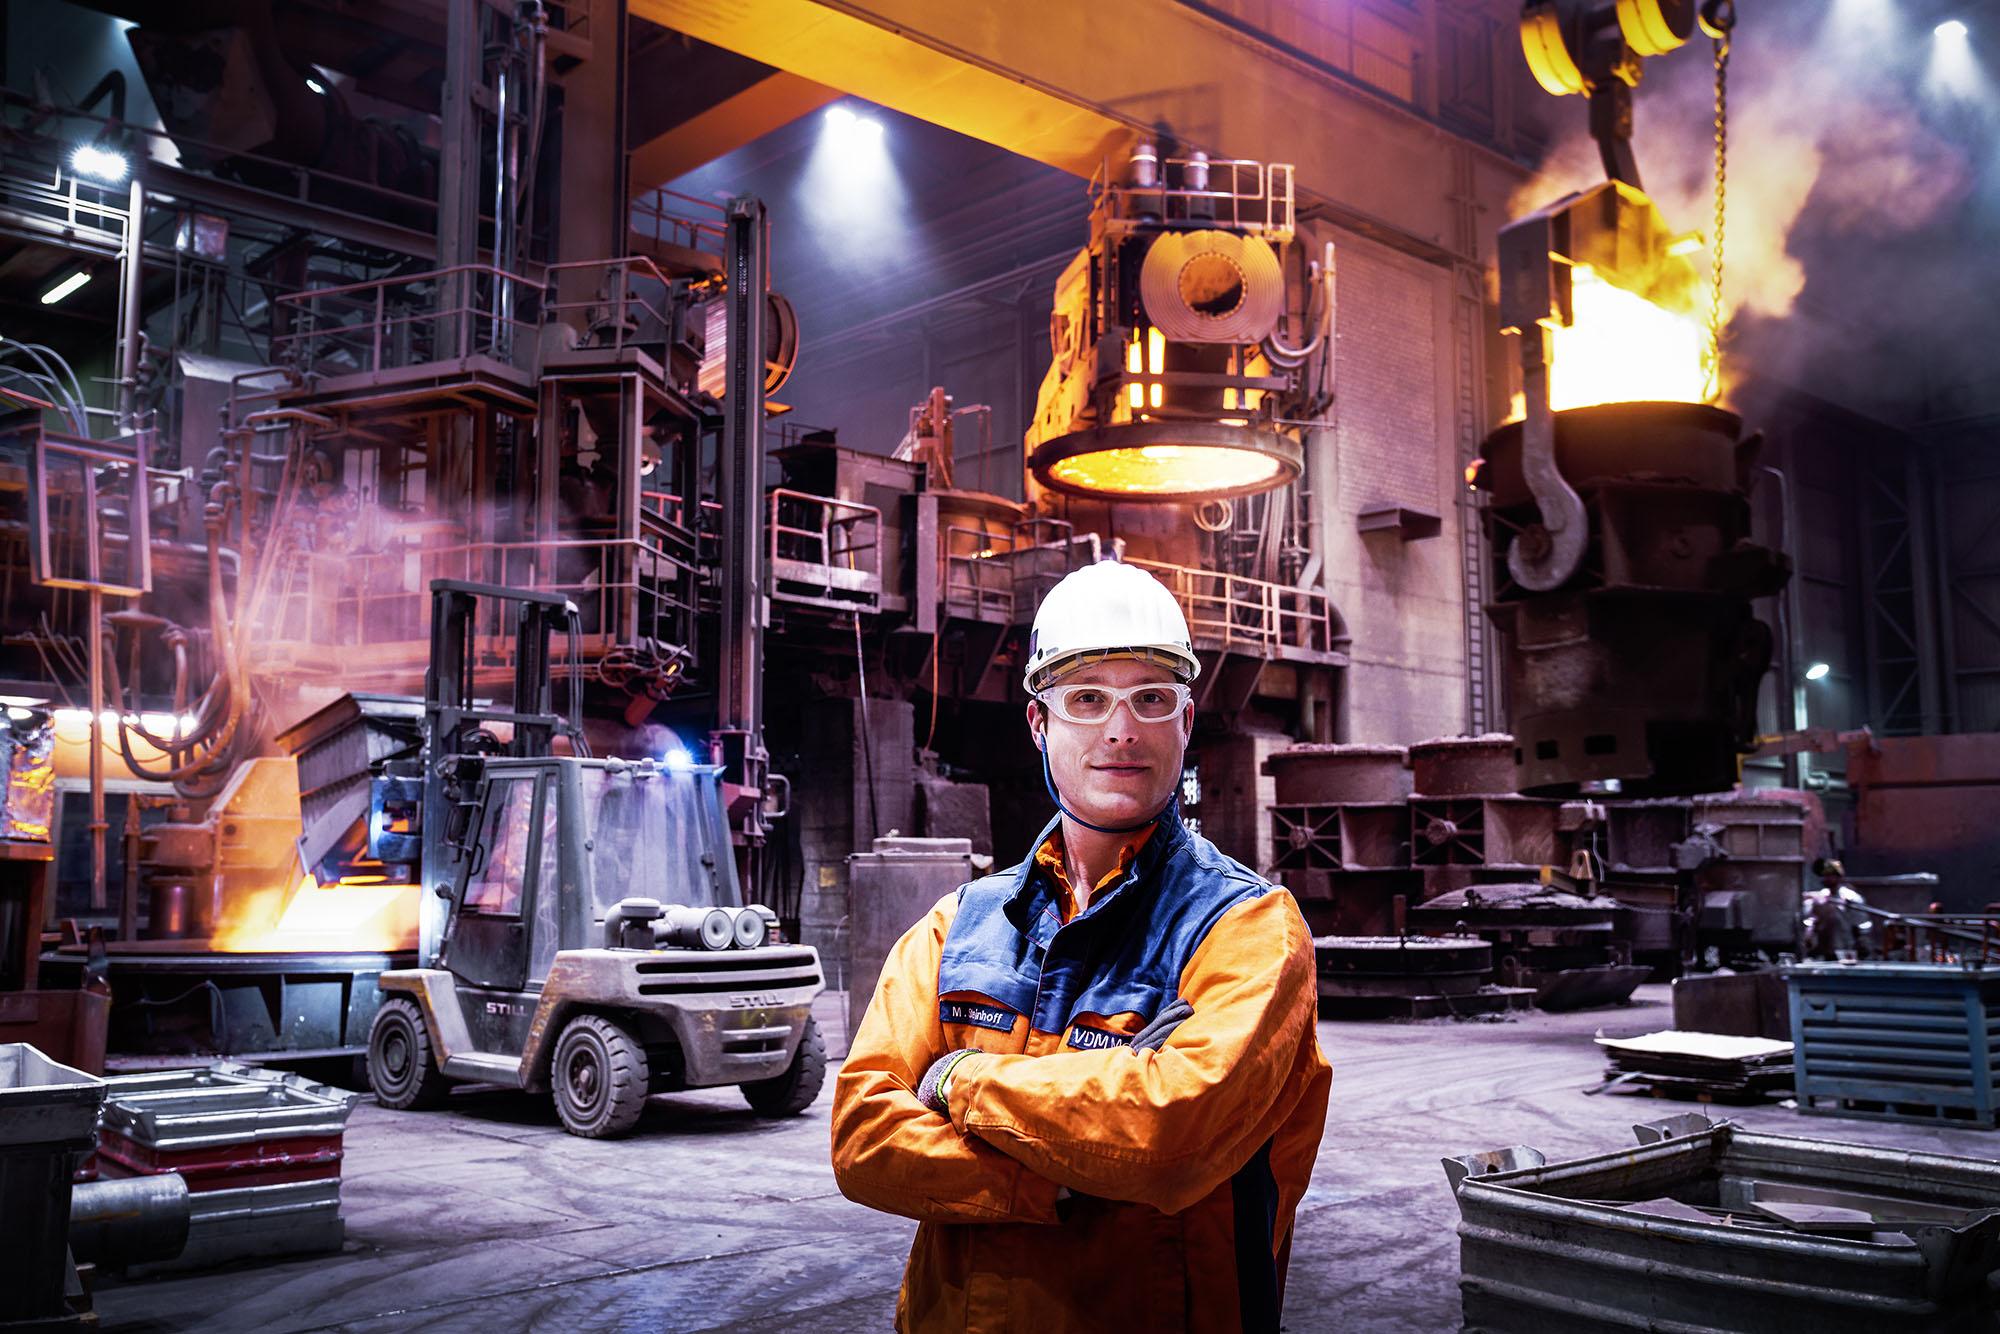 wolfram-schroll_Industriefotografie_vdm19_10